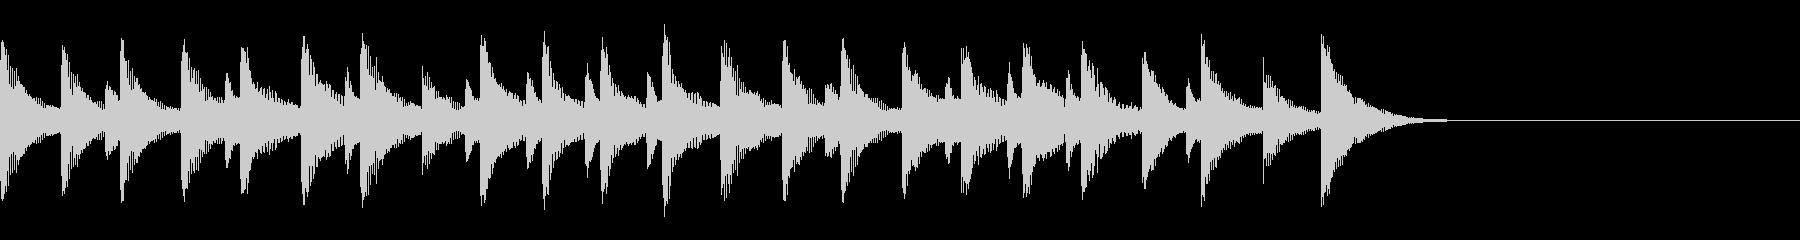 かわいいジングル/マリンバの未再生の波形